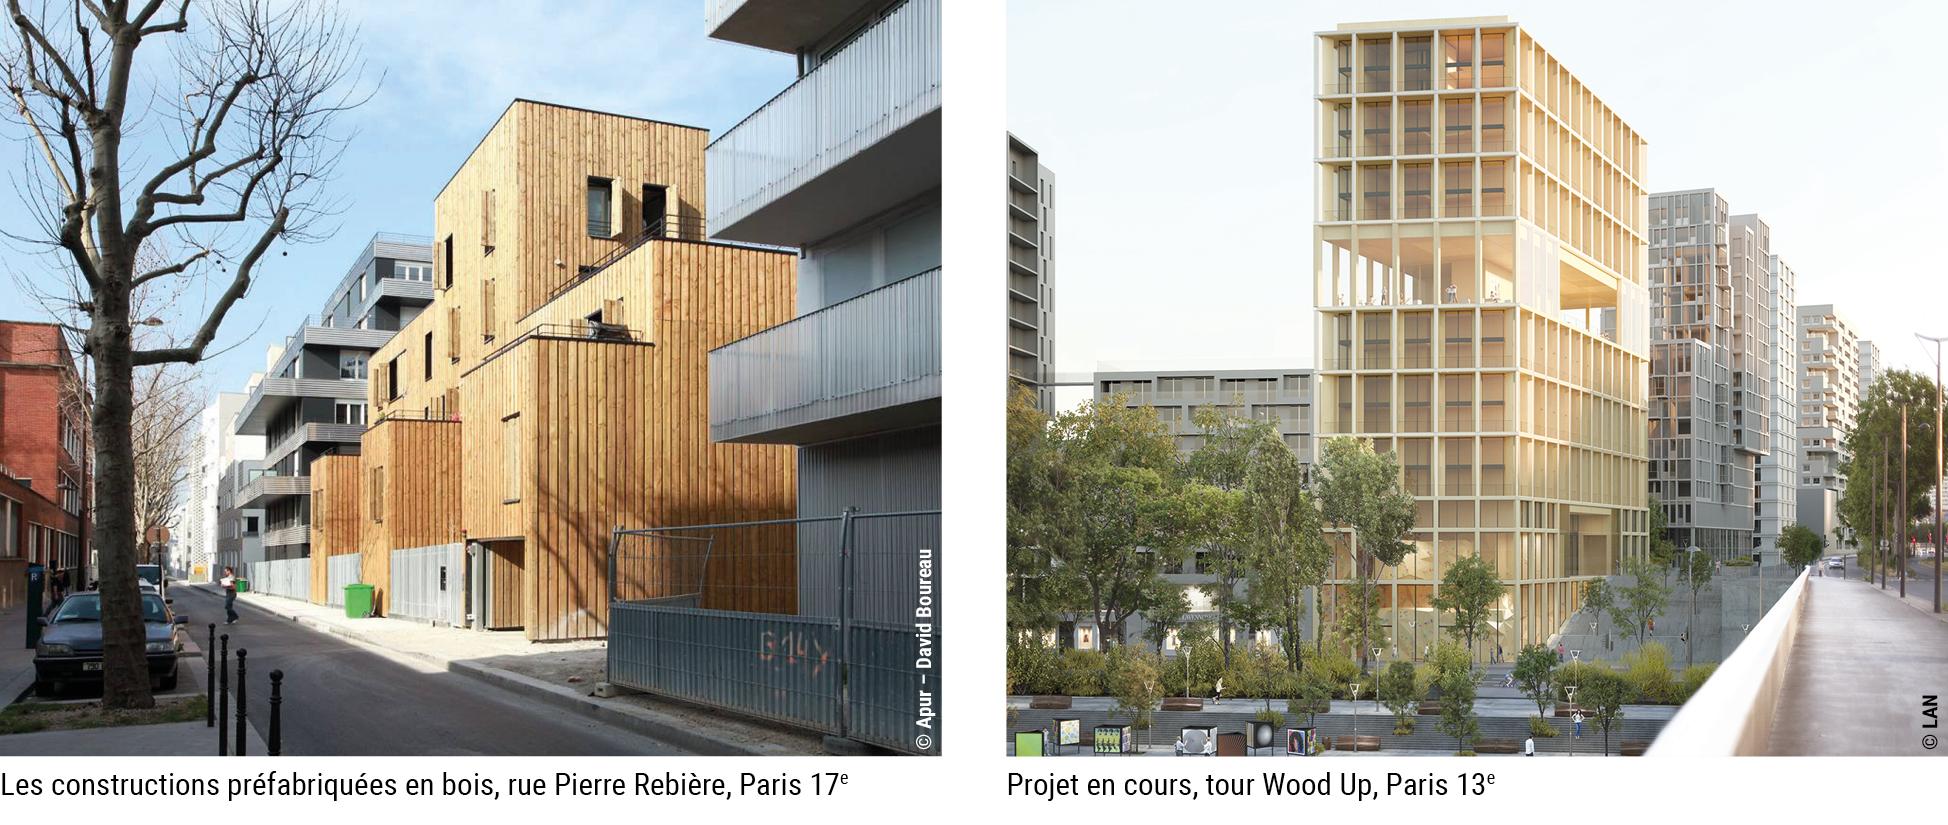 Les constructions préfabriquées en bois © Apur